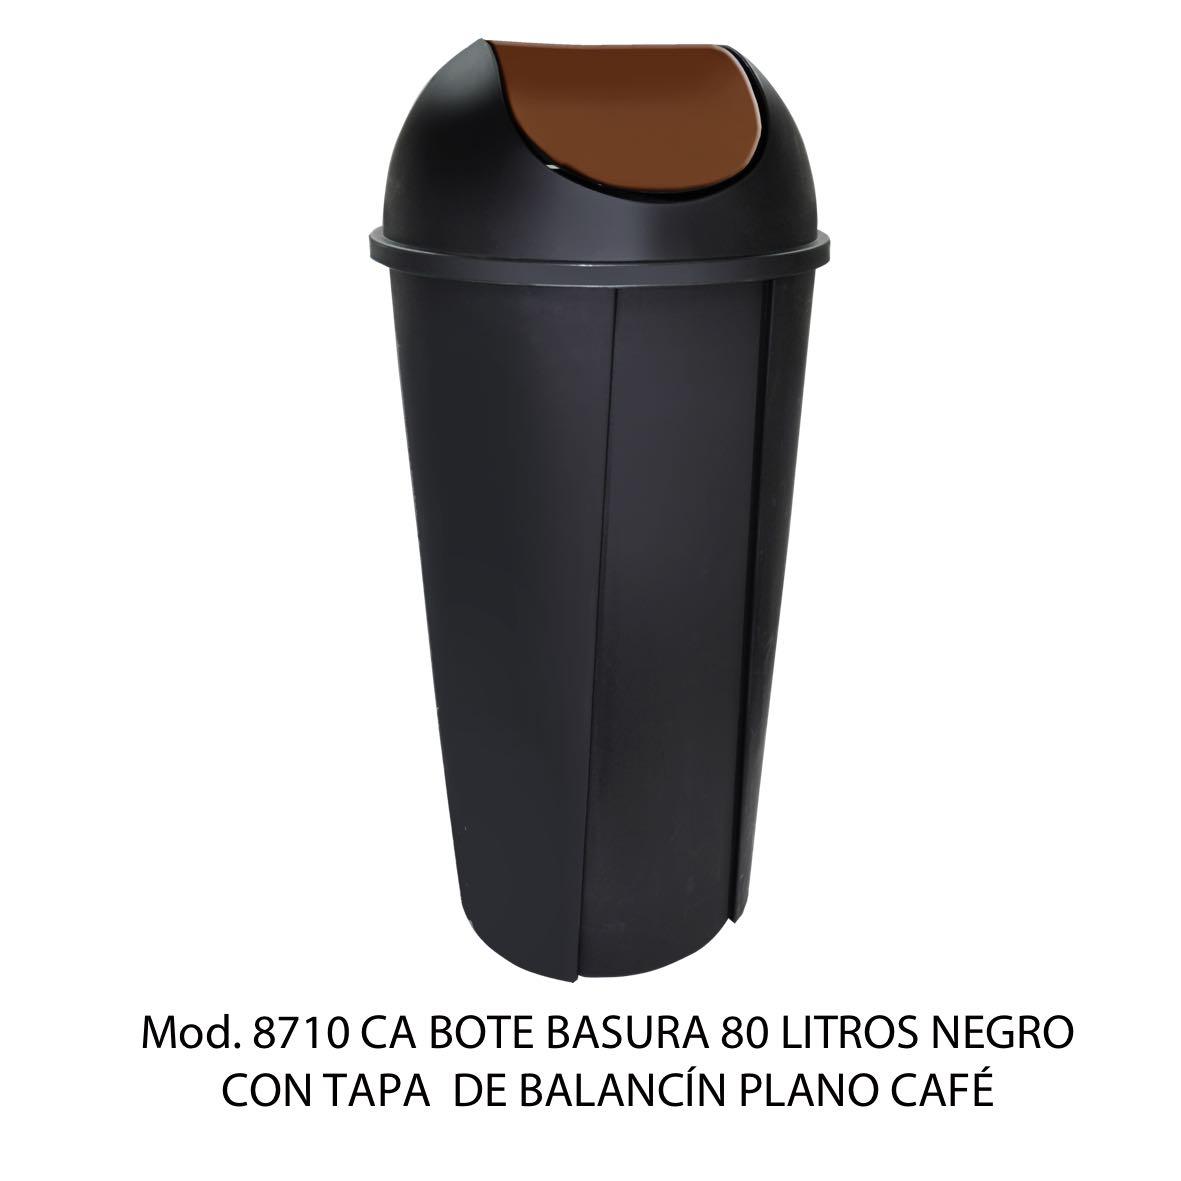 Bote de basura redondo negro de 80 litros con tapa cafe tipo balancín liso modelo 8710 CA Sablón